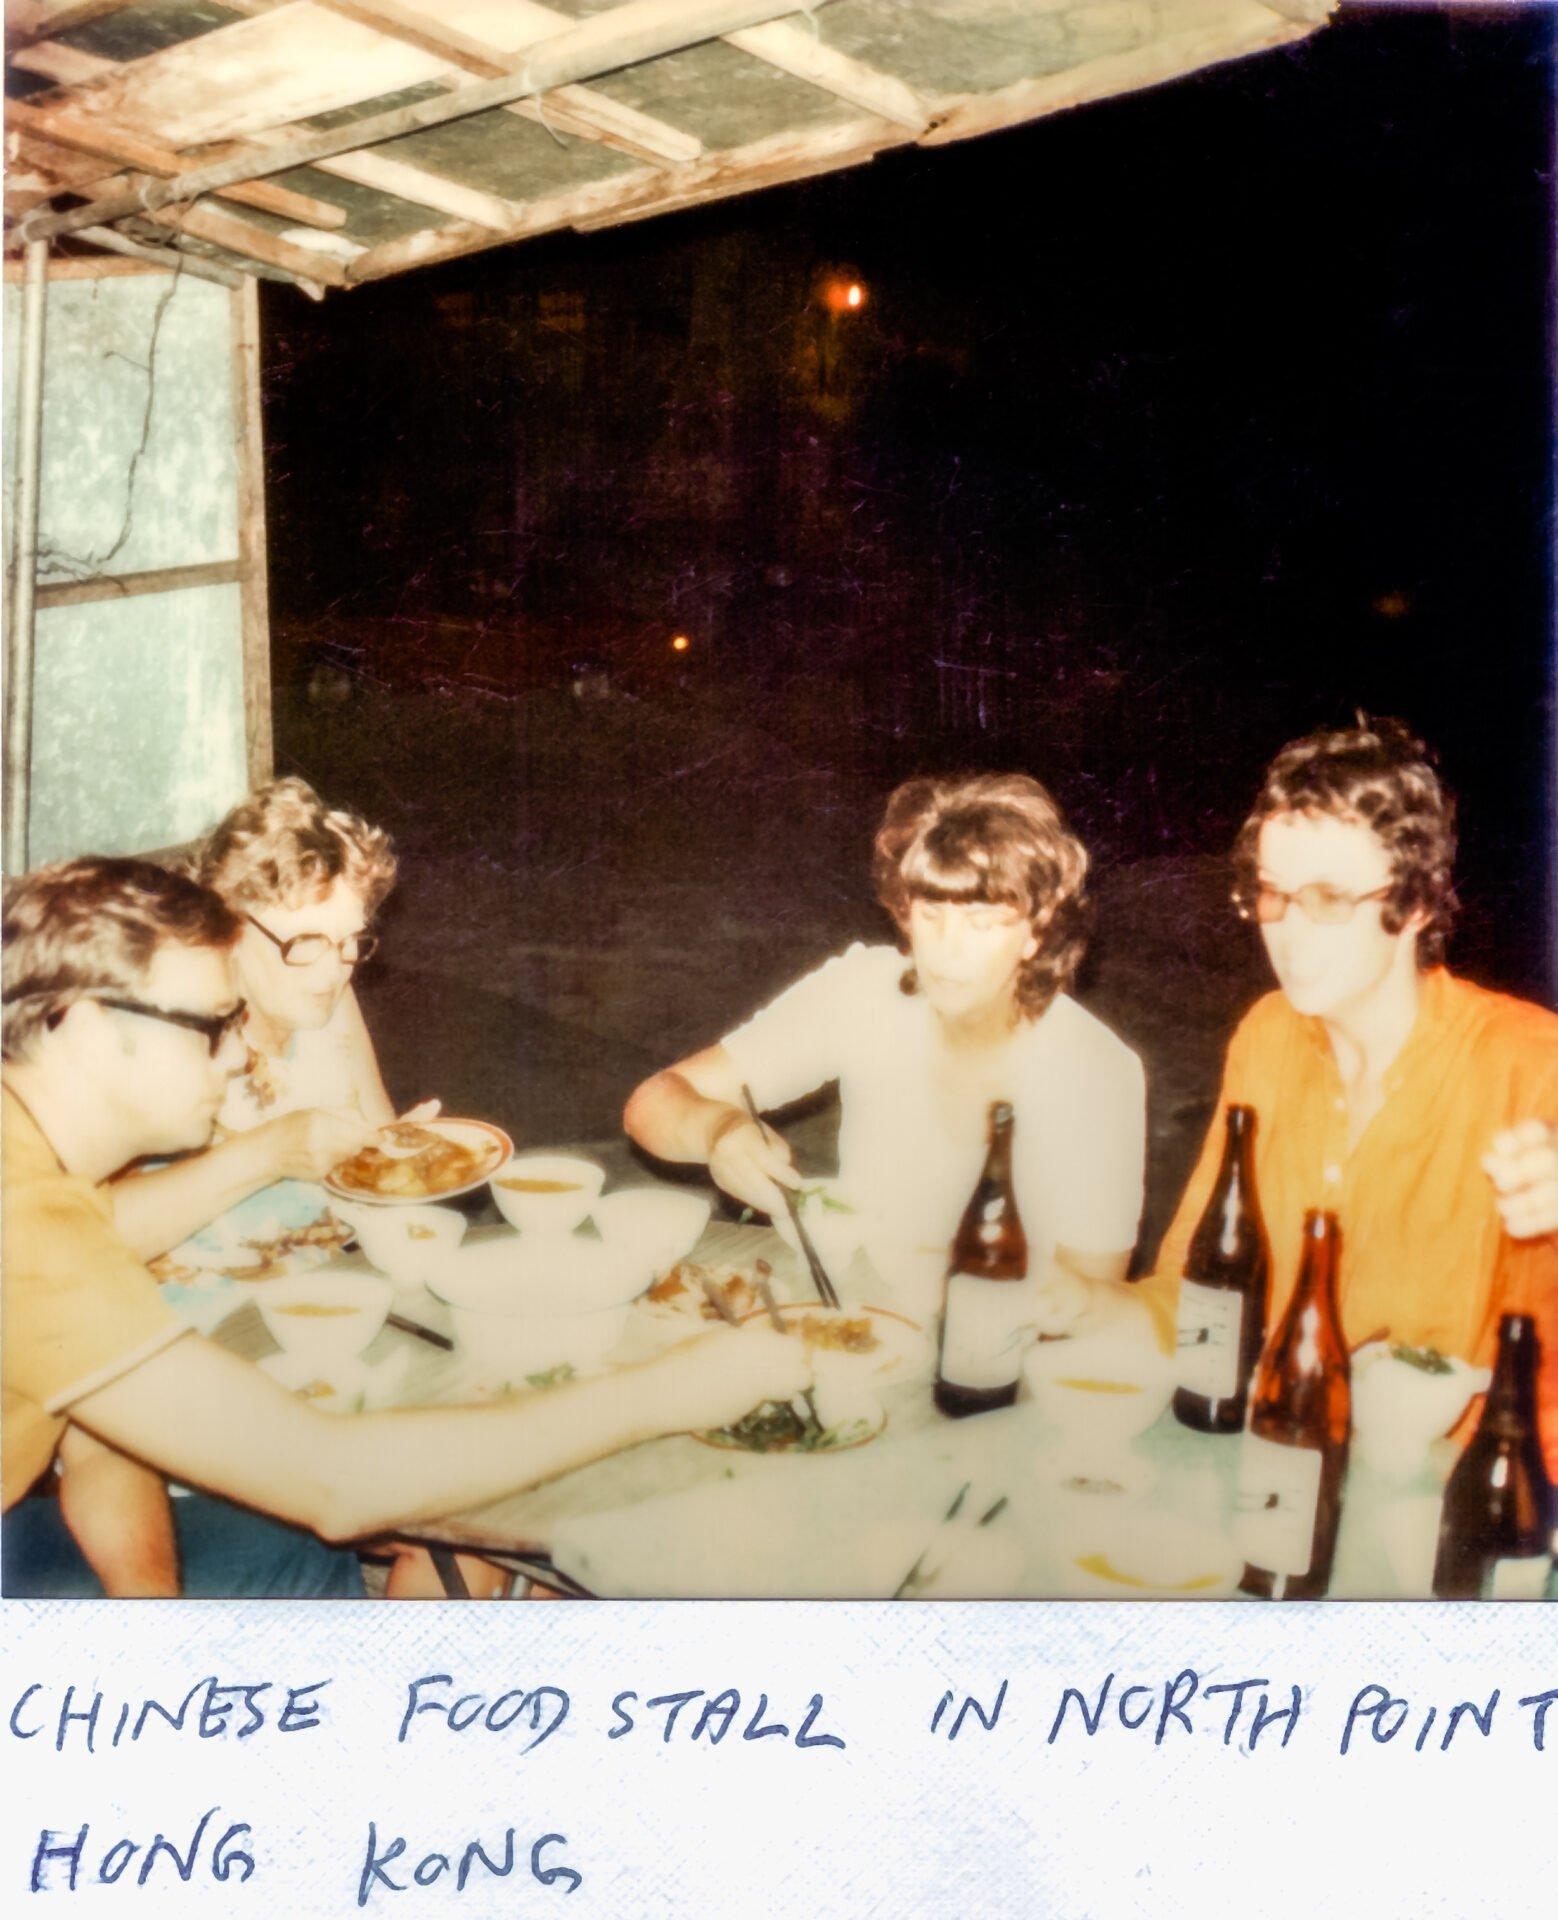 Chinese food stall north point Hong Kong Arthur Pat Olive